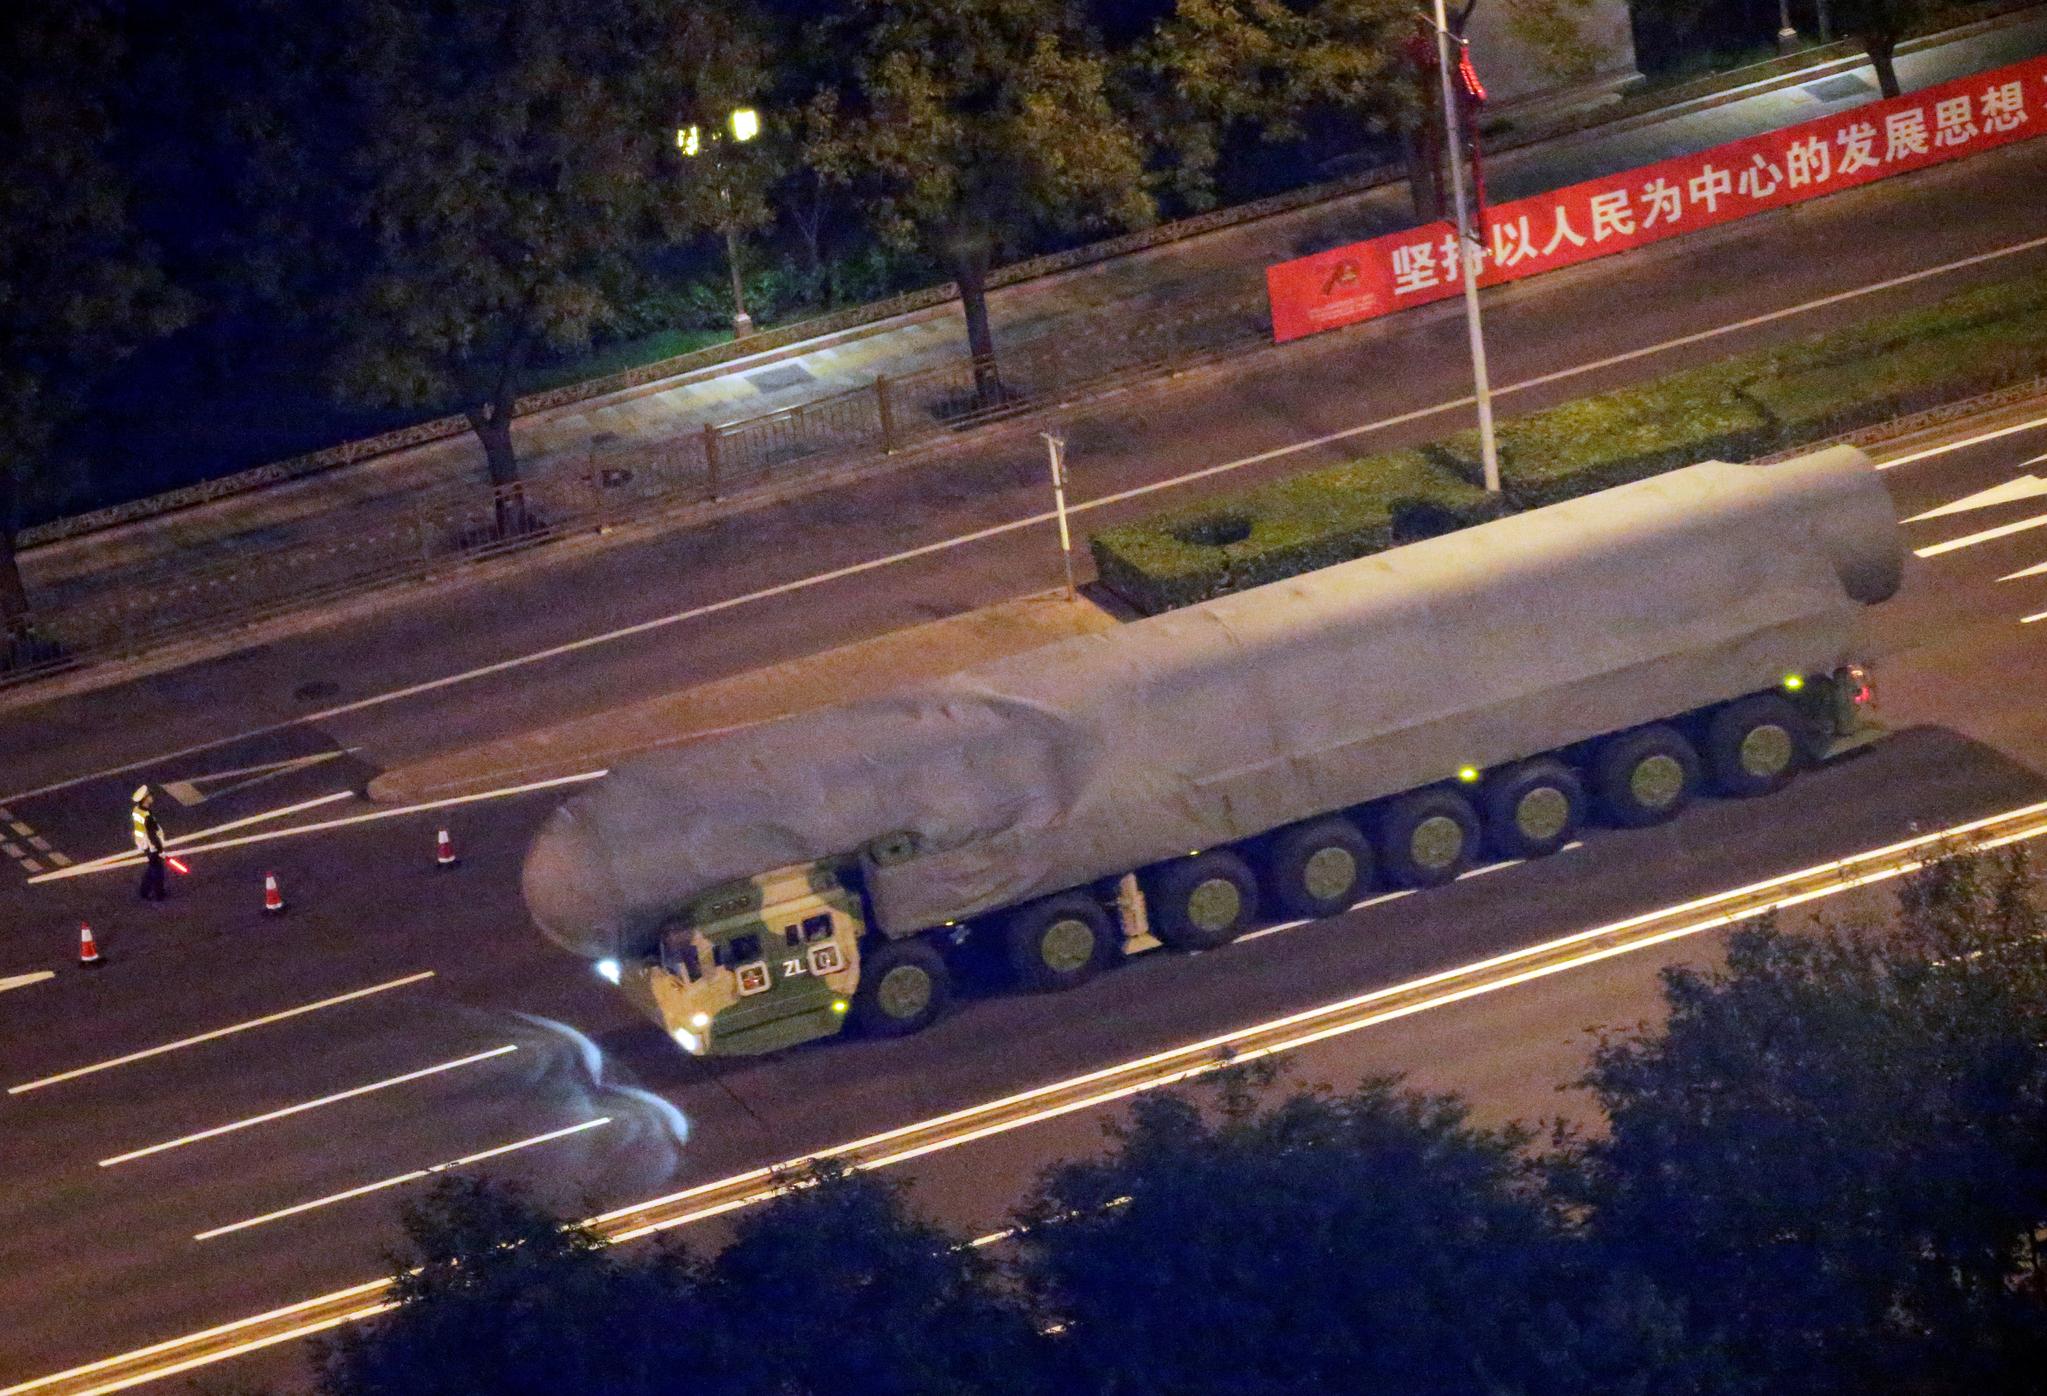 중화인민공화국 건국 70주년 기념 열병식 리허설을 위해 베이징 중심가 거리가 폐쇄된 14일 밤 미사일을 실은 군용 차량이 도로를 따라 이동하고 있다.[로이터=연합뉴스]